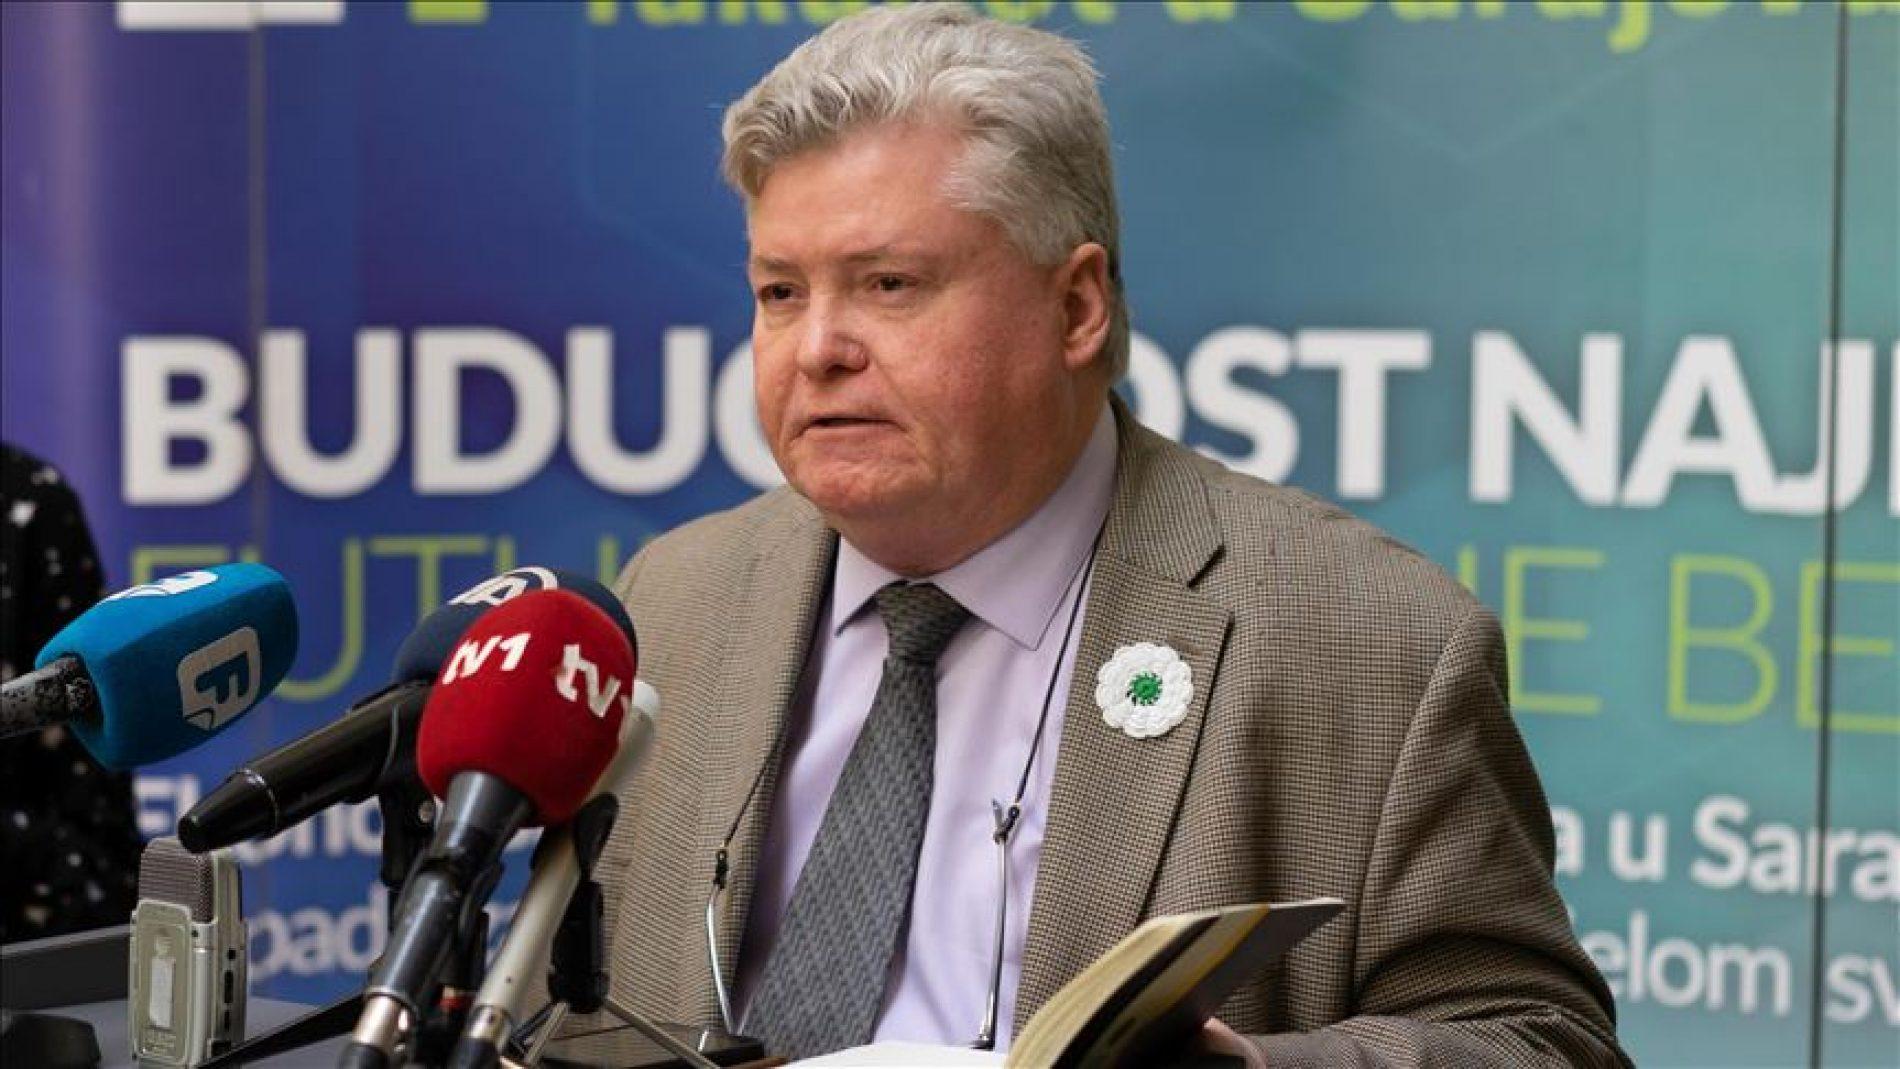 Pettigrew: Međunarodna zajednica mora prestati pomagati i podržavati genocidni projekat Republiku srpsku